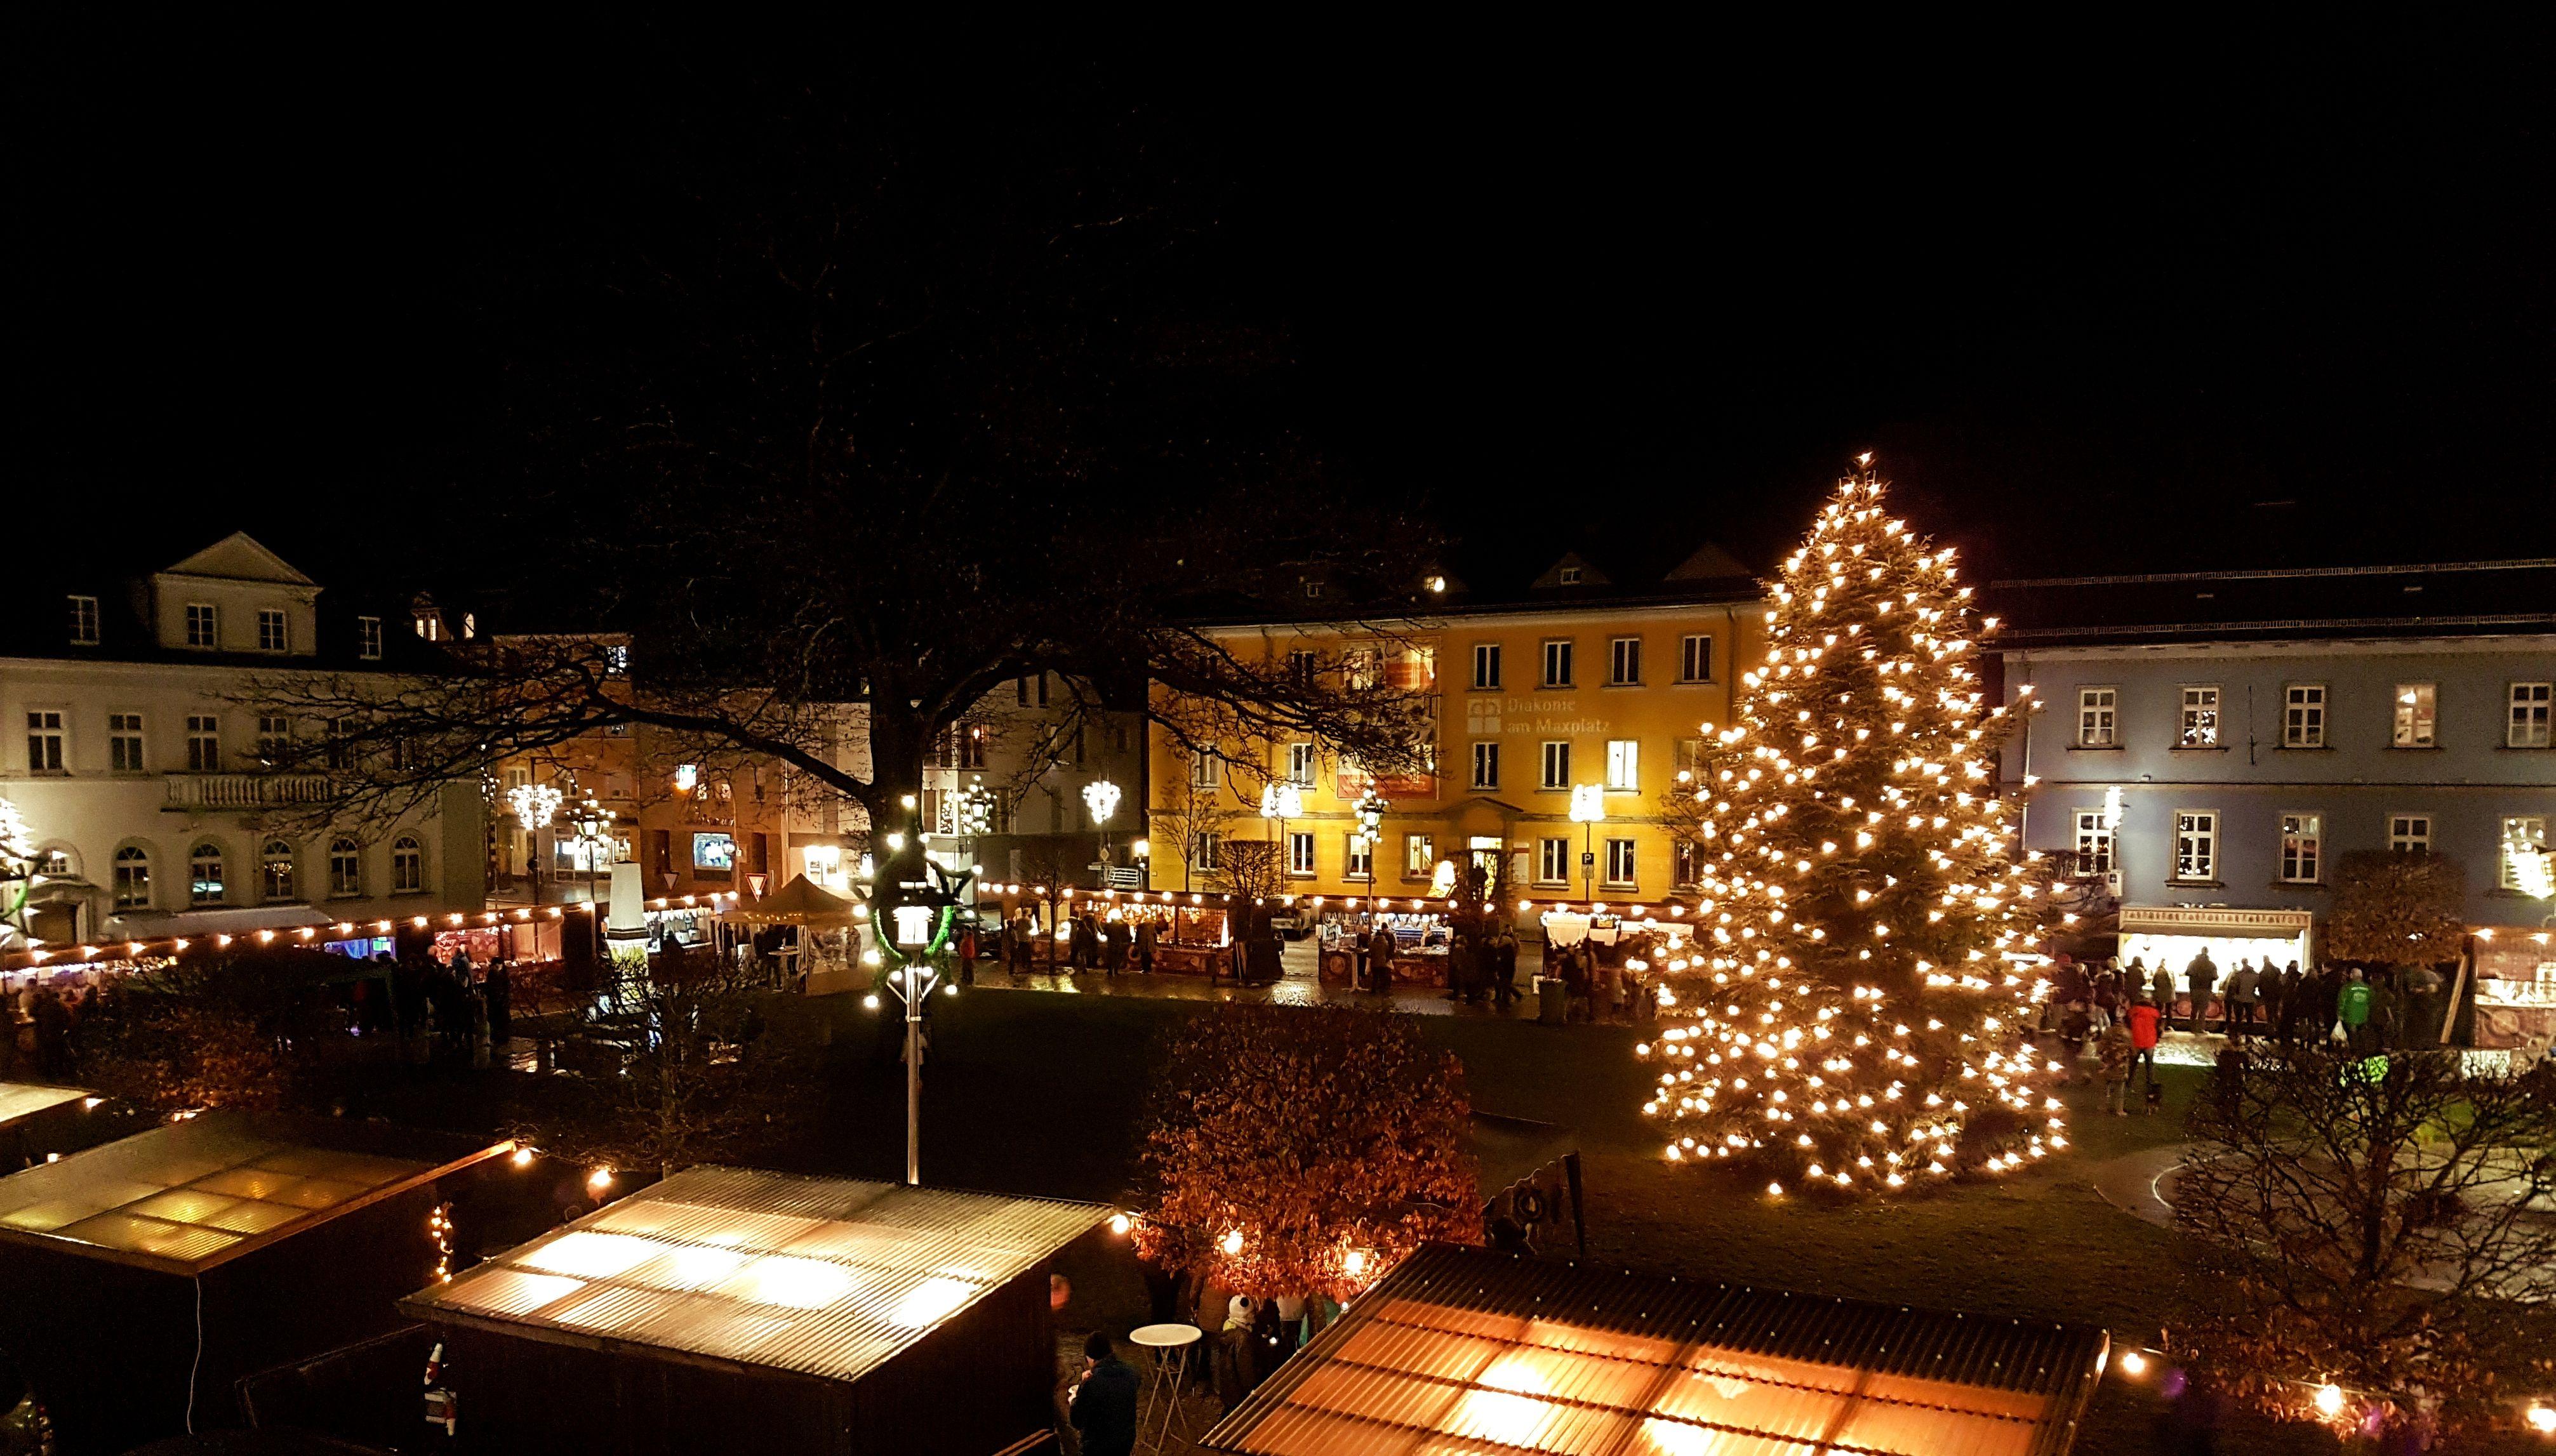 Bilder Weihnachtsmarkt.Weihnachtsmarkt Stadt Rehau